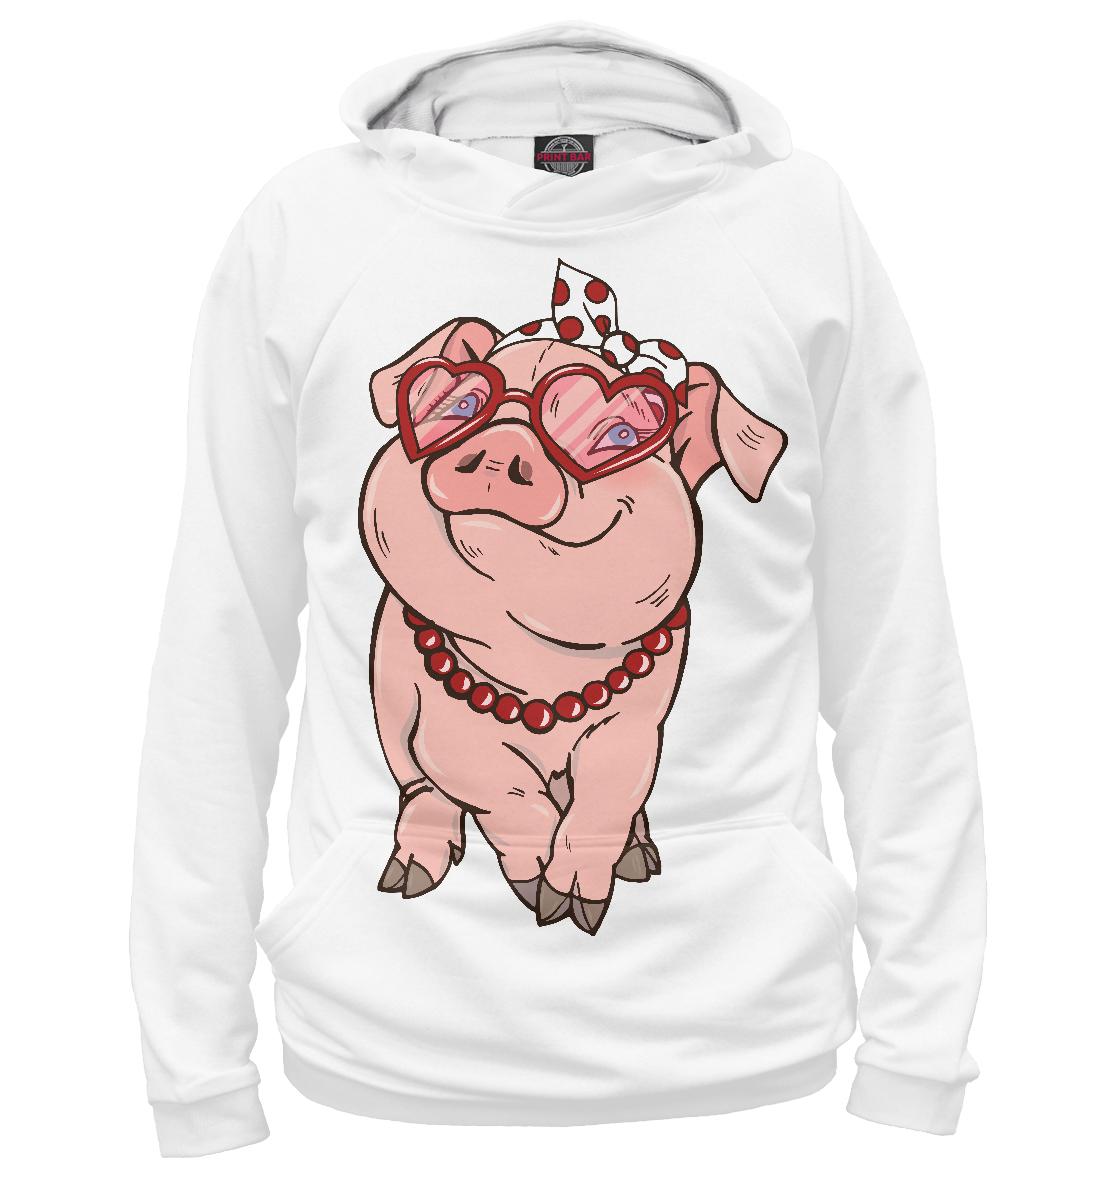 Купить Свинка модница, Printbar, Худи, ZIR-563551-hud-1